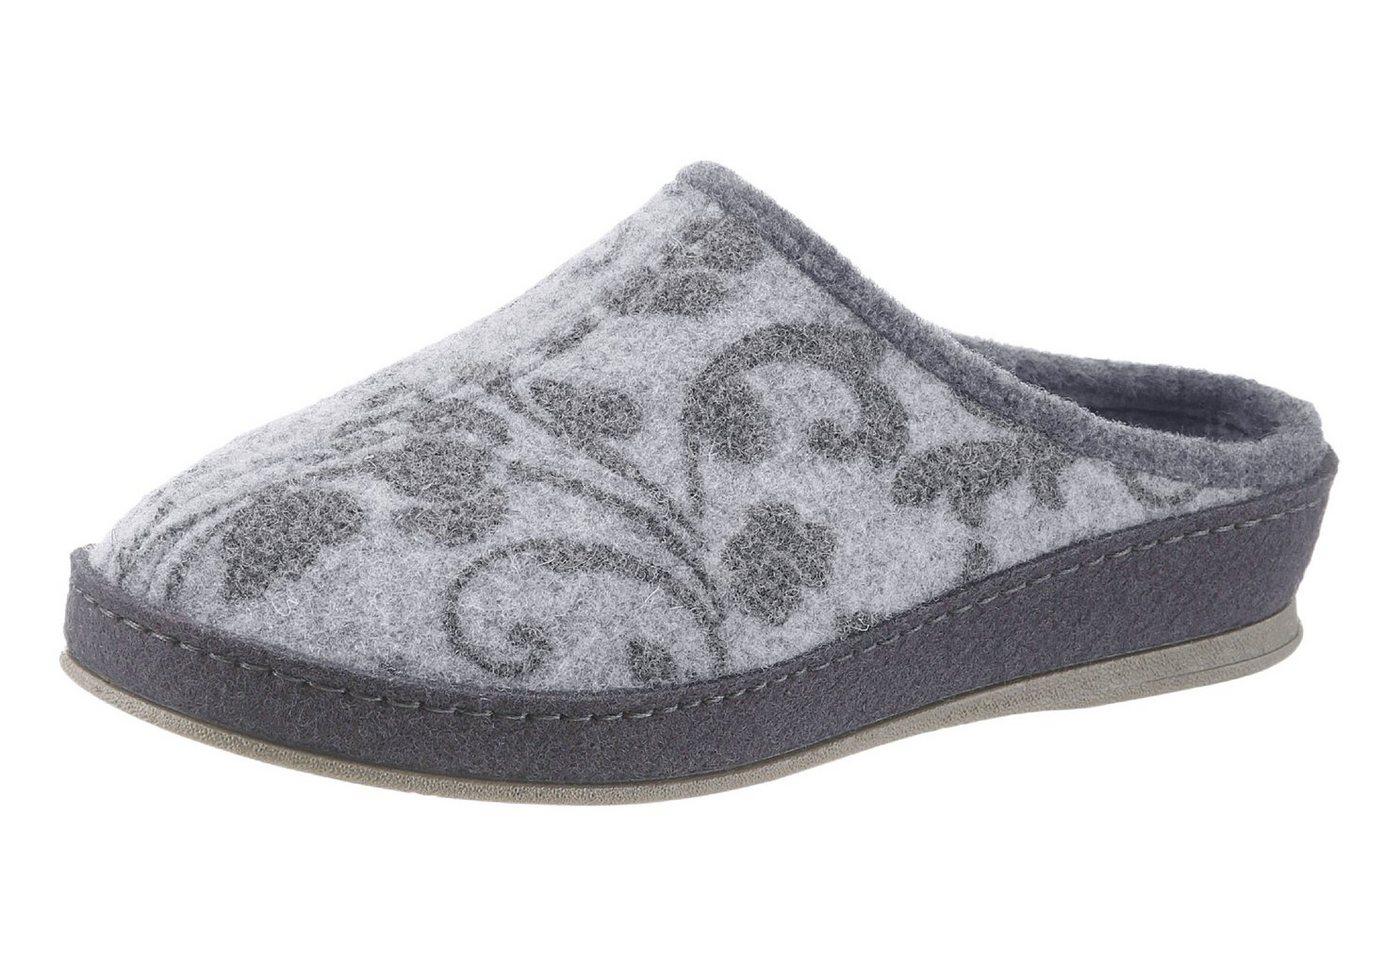 Schawos Pantoffel mit Fersendämpfung | Schuhe > Hausschuhe > Pantoffeln | Grau | Filz | SCHAWOS